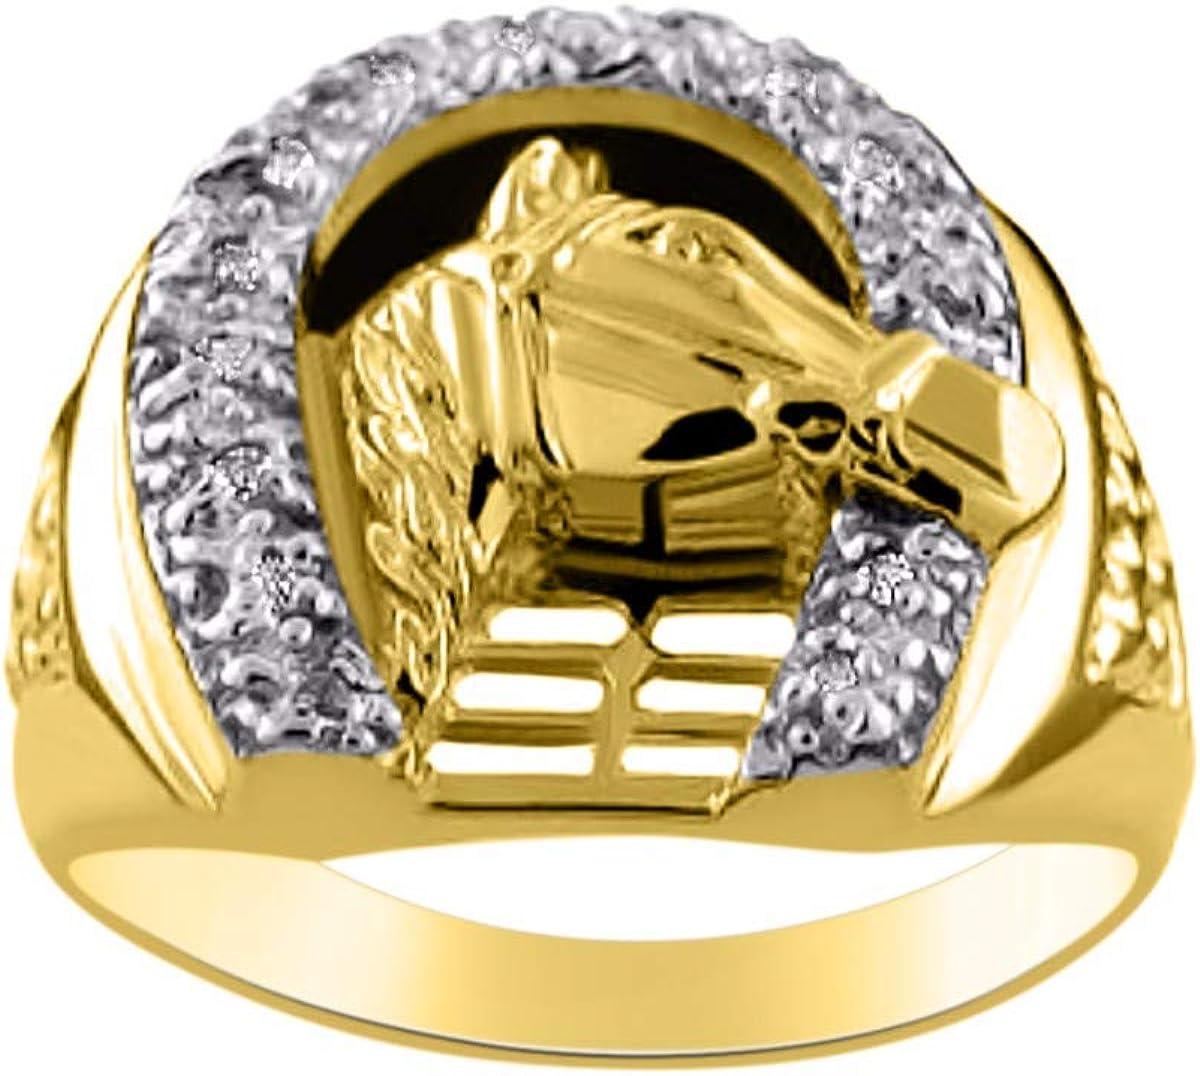 RYLOS Anillo de diseño de cabeza de herradura de la suerte con diamantes genuinos engarzados en oro amarillo de 14 quilates o oro blanco de 14 quilates